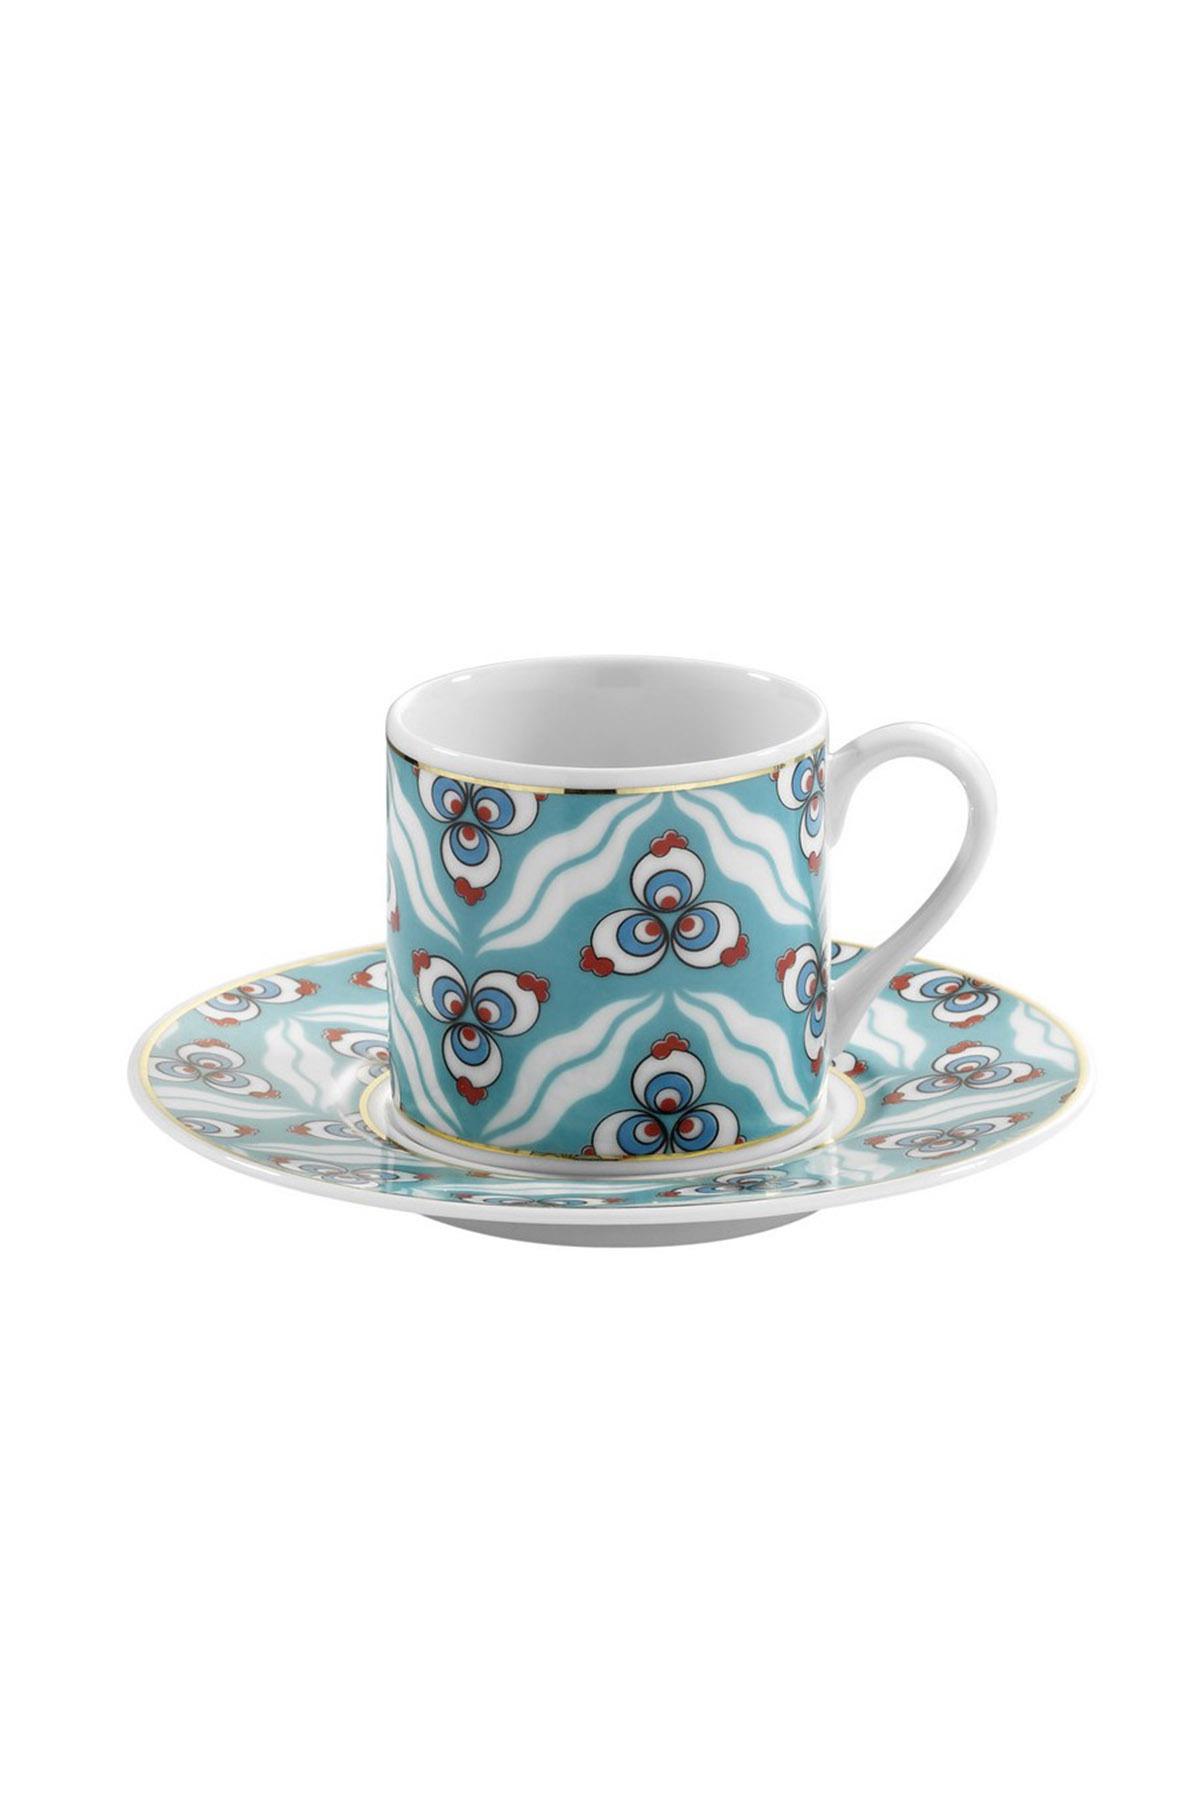 Kütahya Porselen Çintemani 9734 Desen Kahve Fincan Takımı